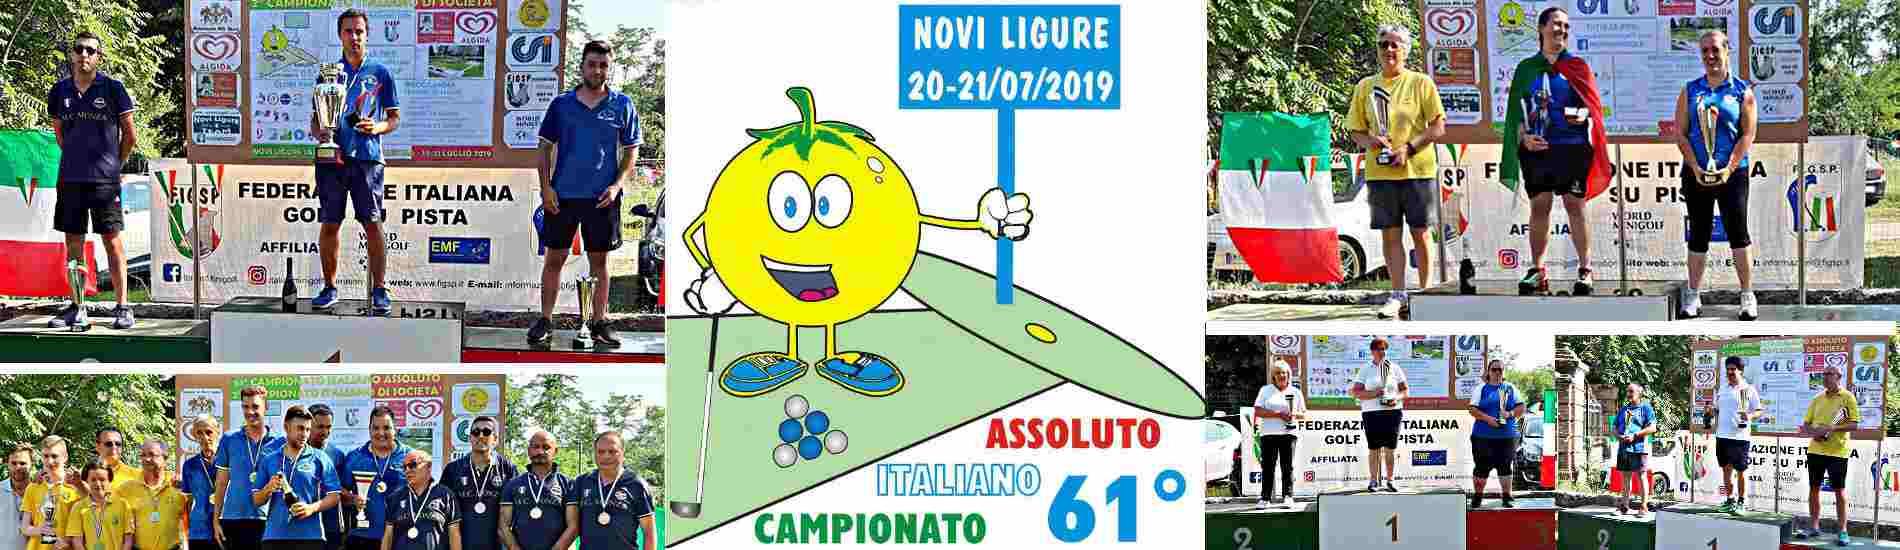 I Campioni italiani assoluti 2019